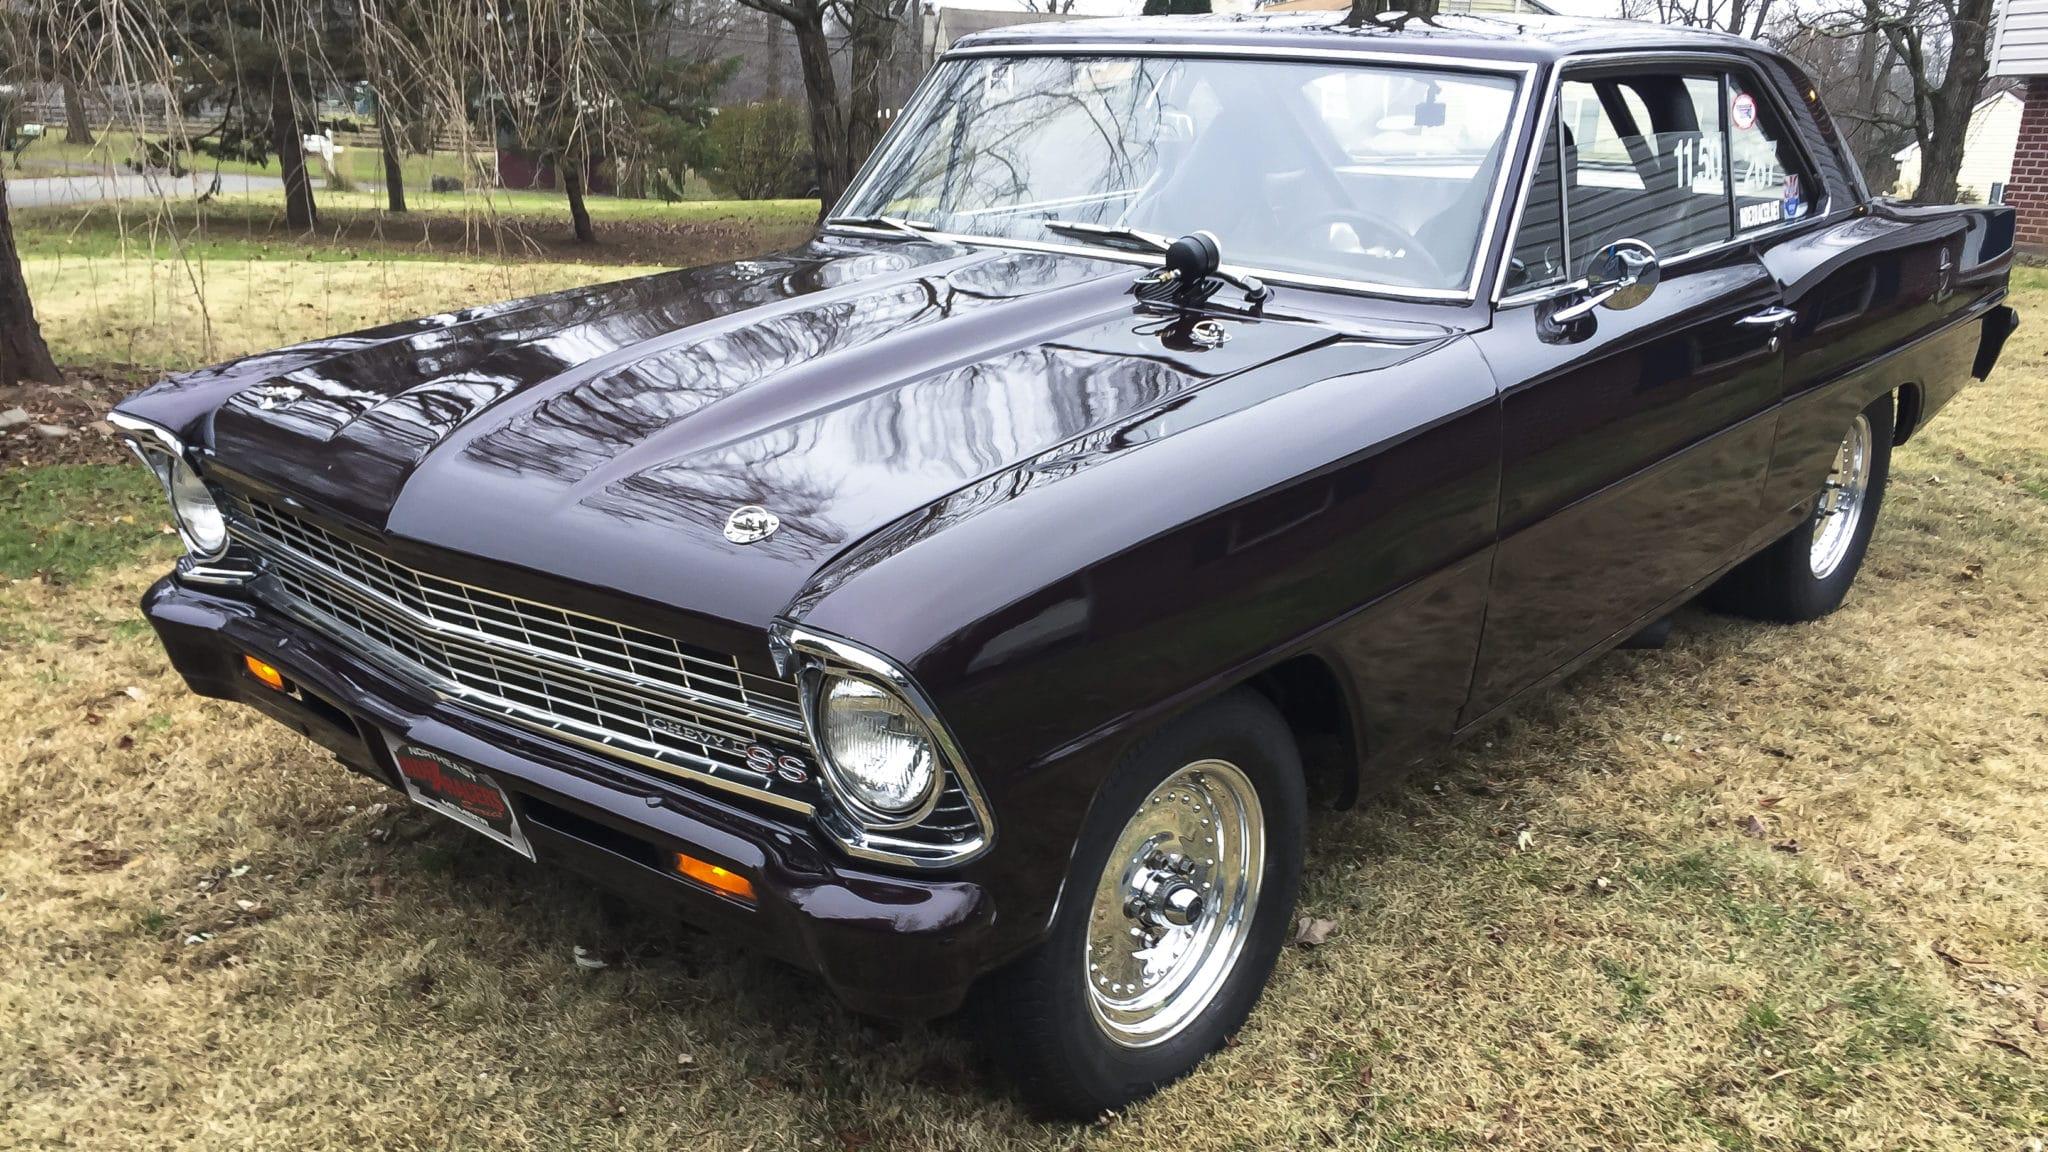 Bill Hale's 1967 Nova